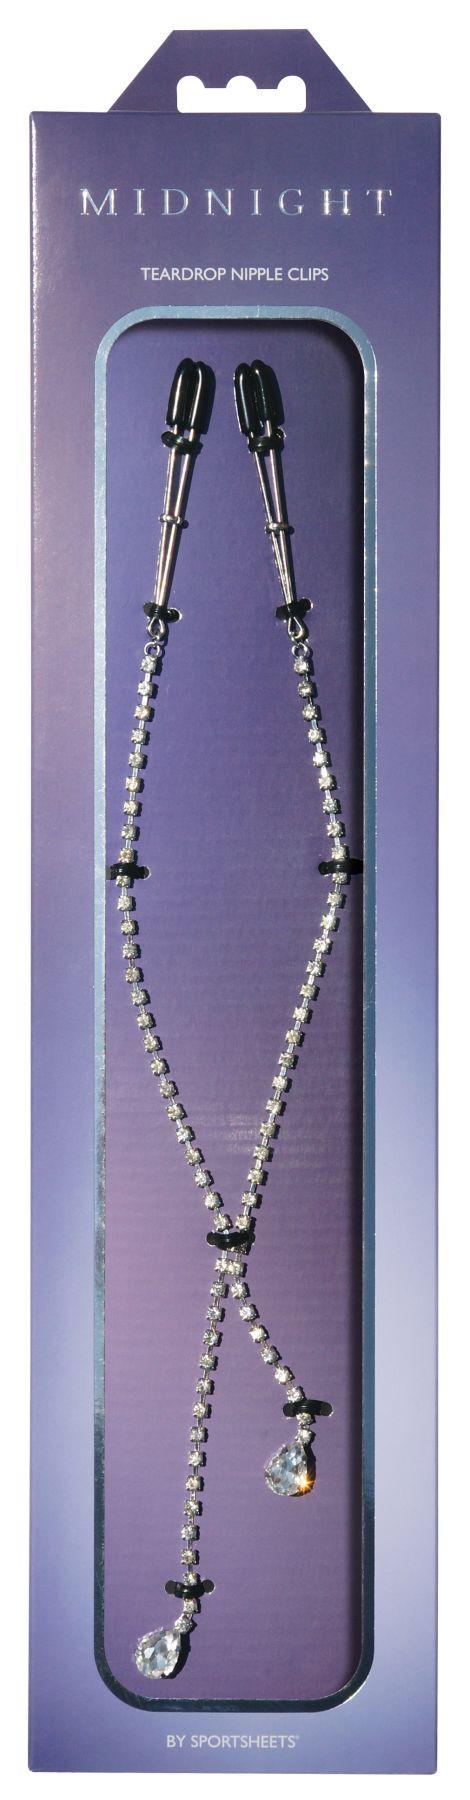 БДСМ аксессуары - Украшение цепочка с зажимами для сосков Sportsheets Midnight Teardrop Nipple Clips 1